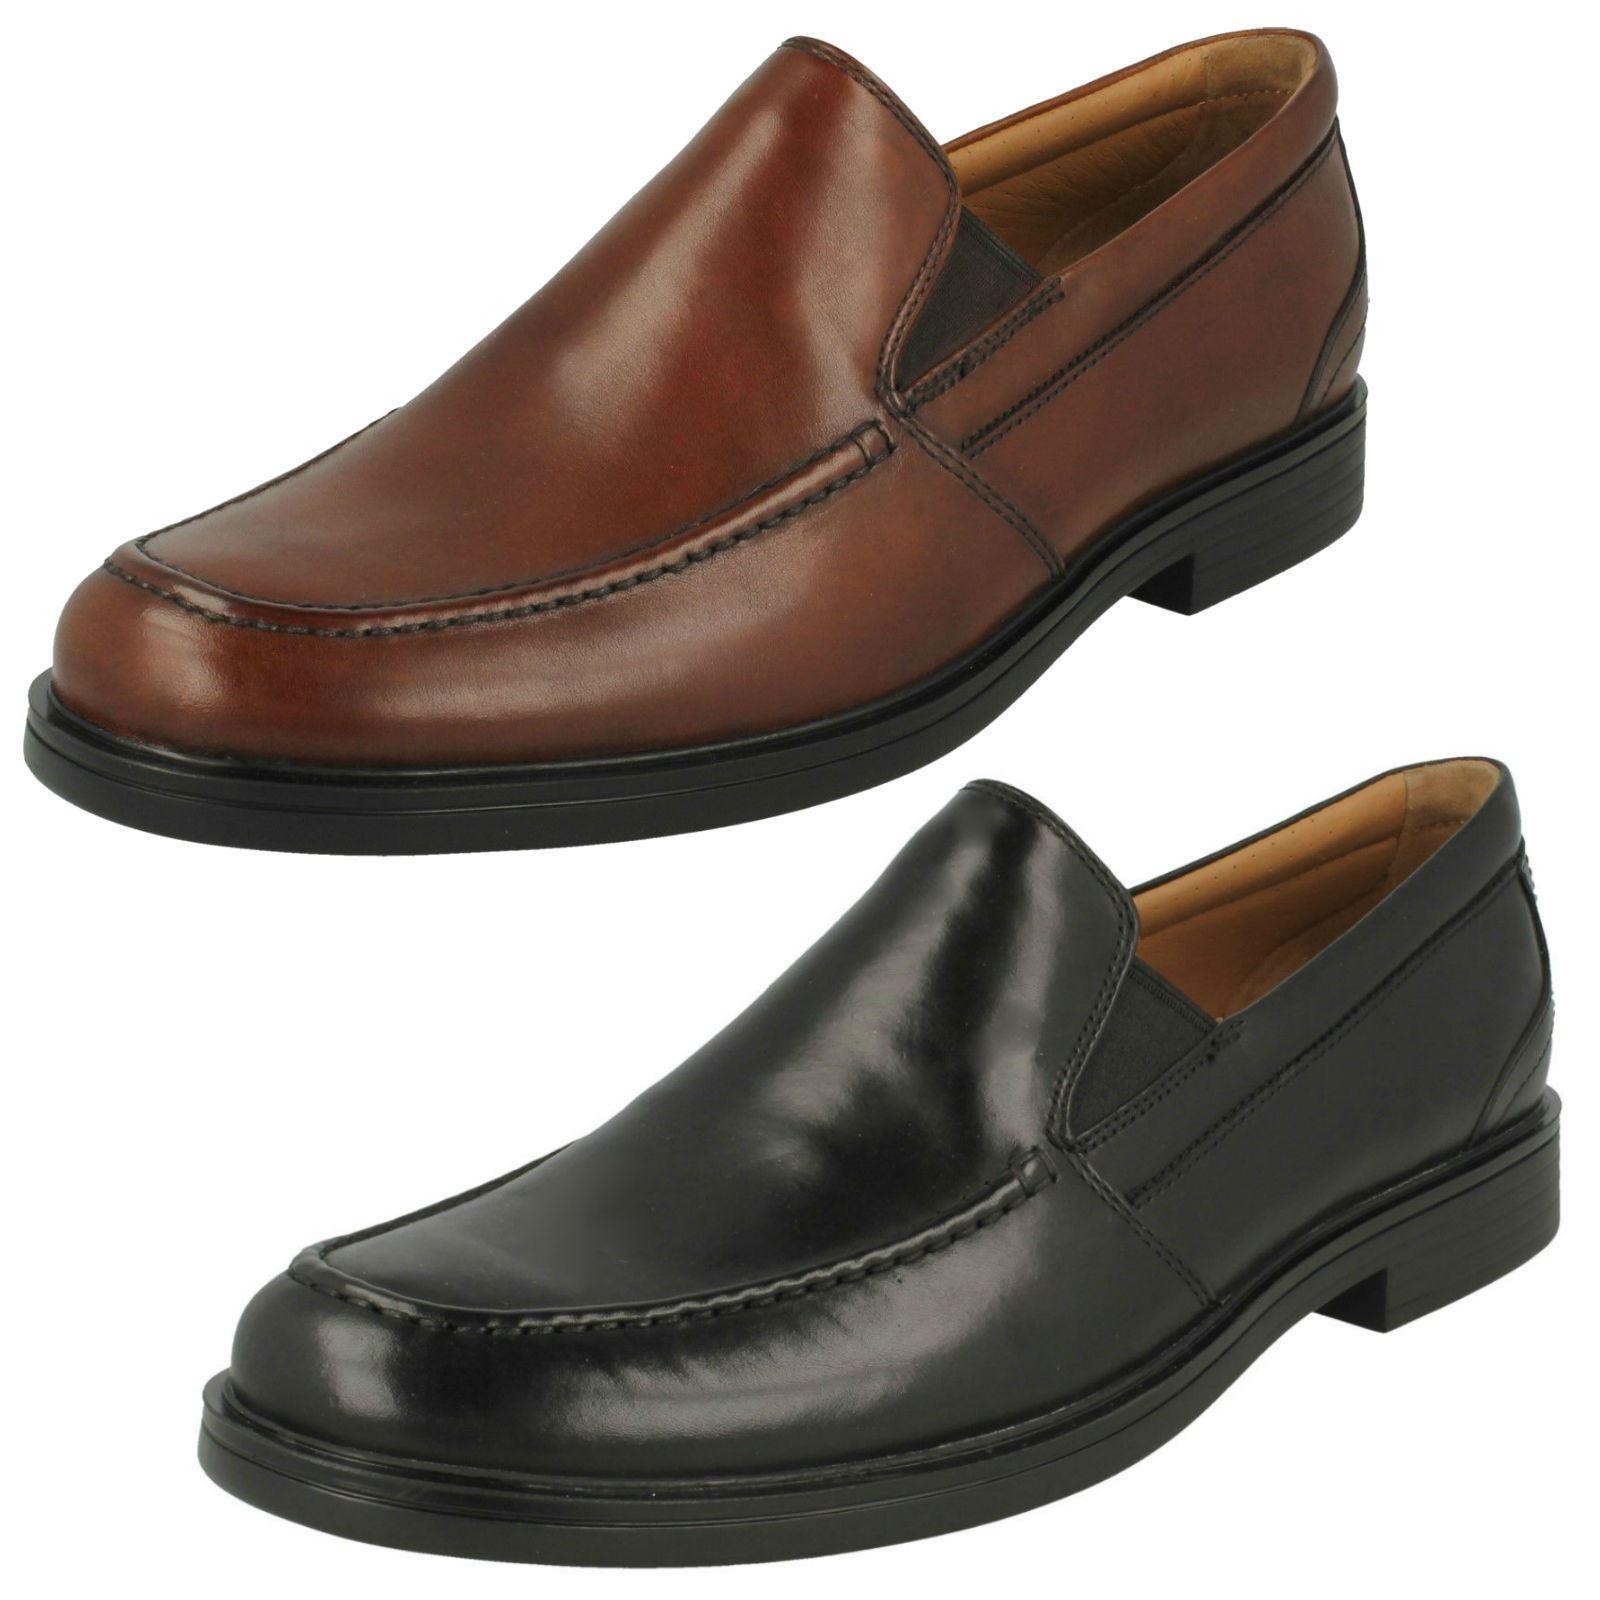 prezzi eccellenti Uomo Clarks Un Un Un ALDRIC slip nero o Marronee scuro scarpe slip-on di pelle  molto popolare